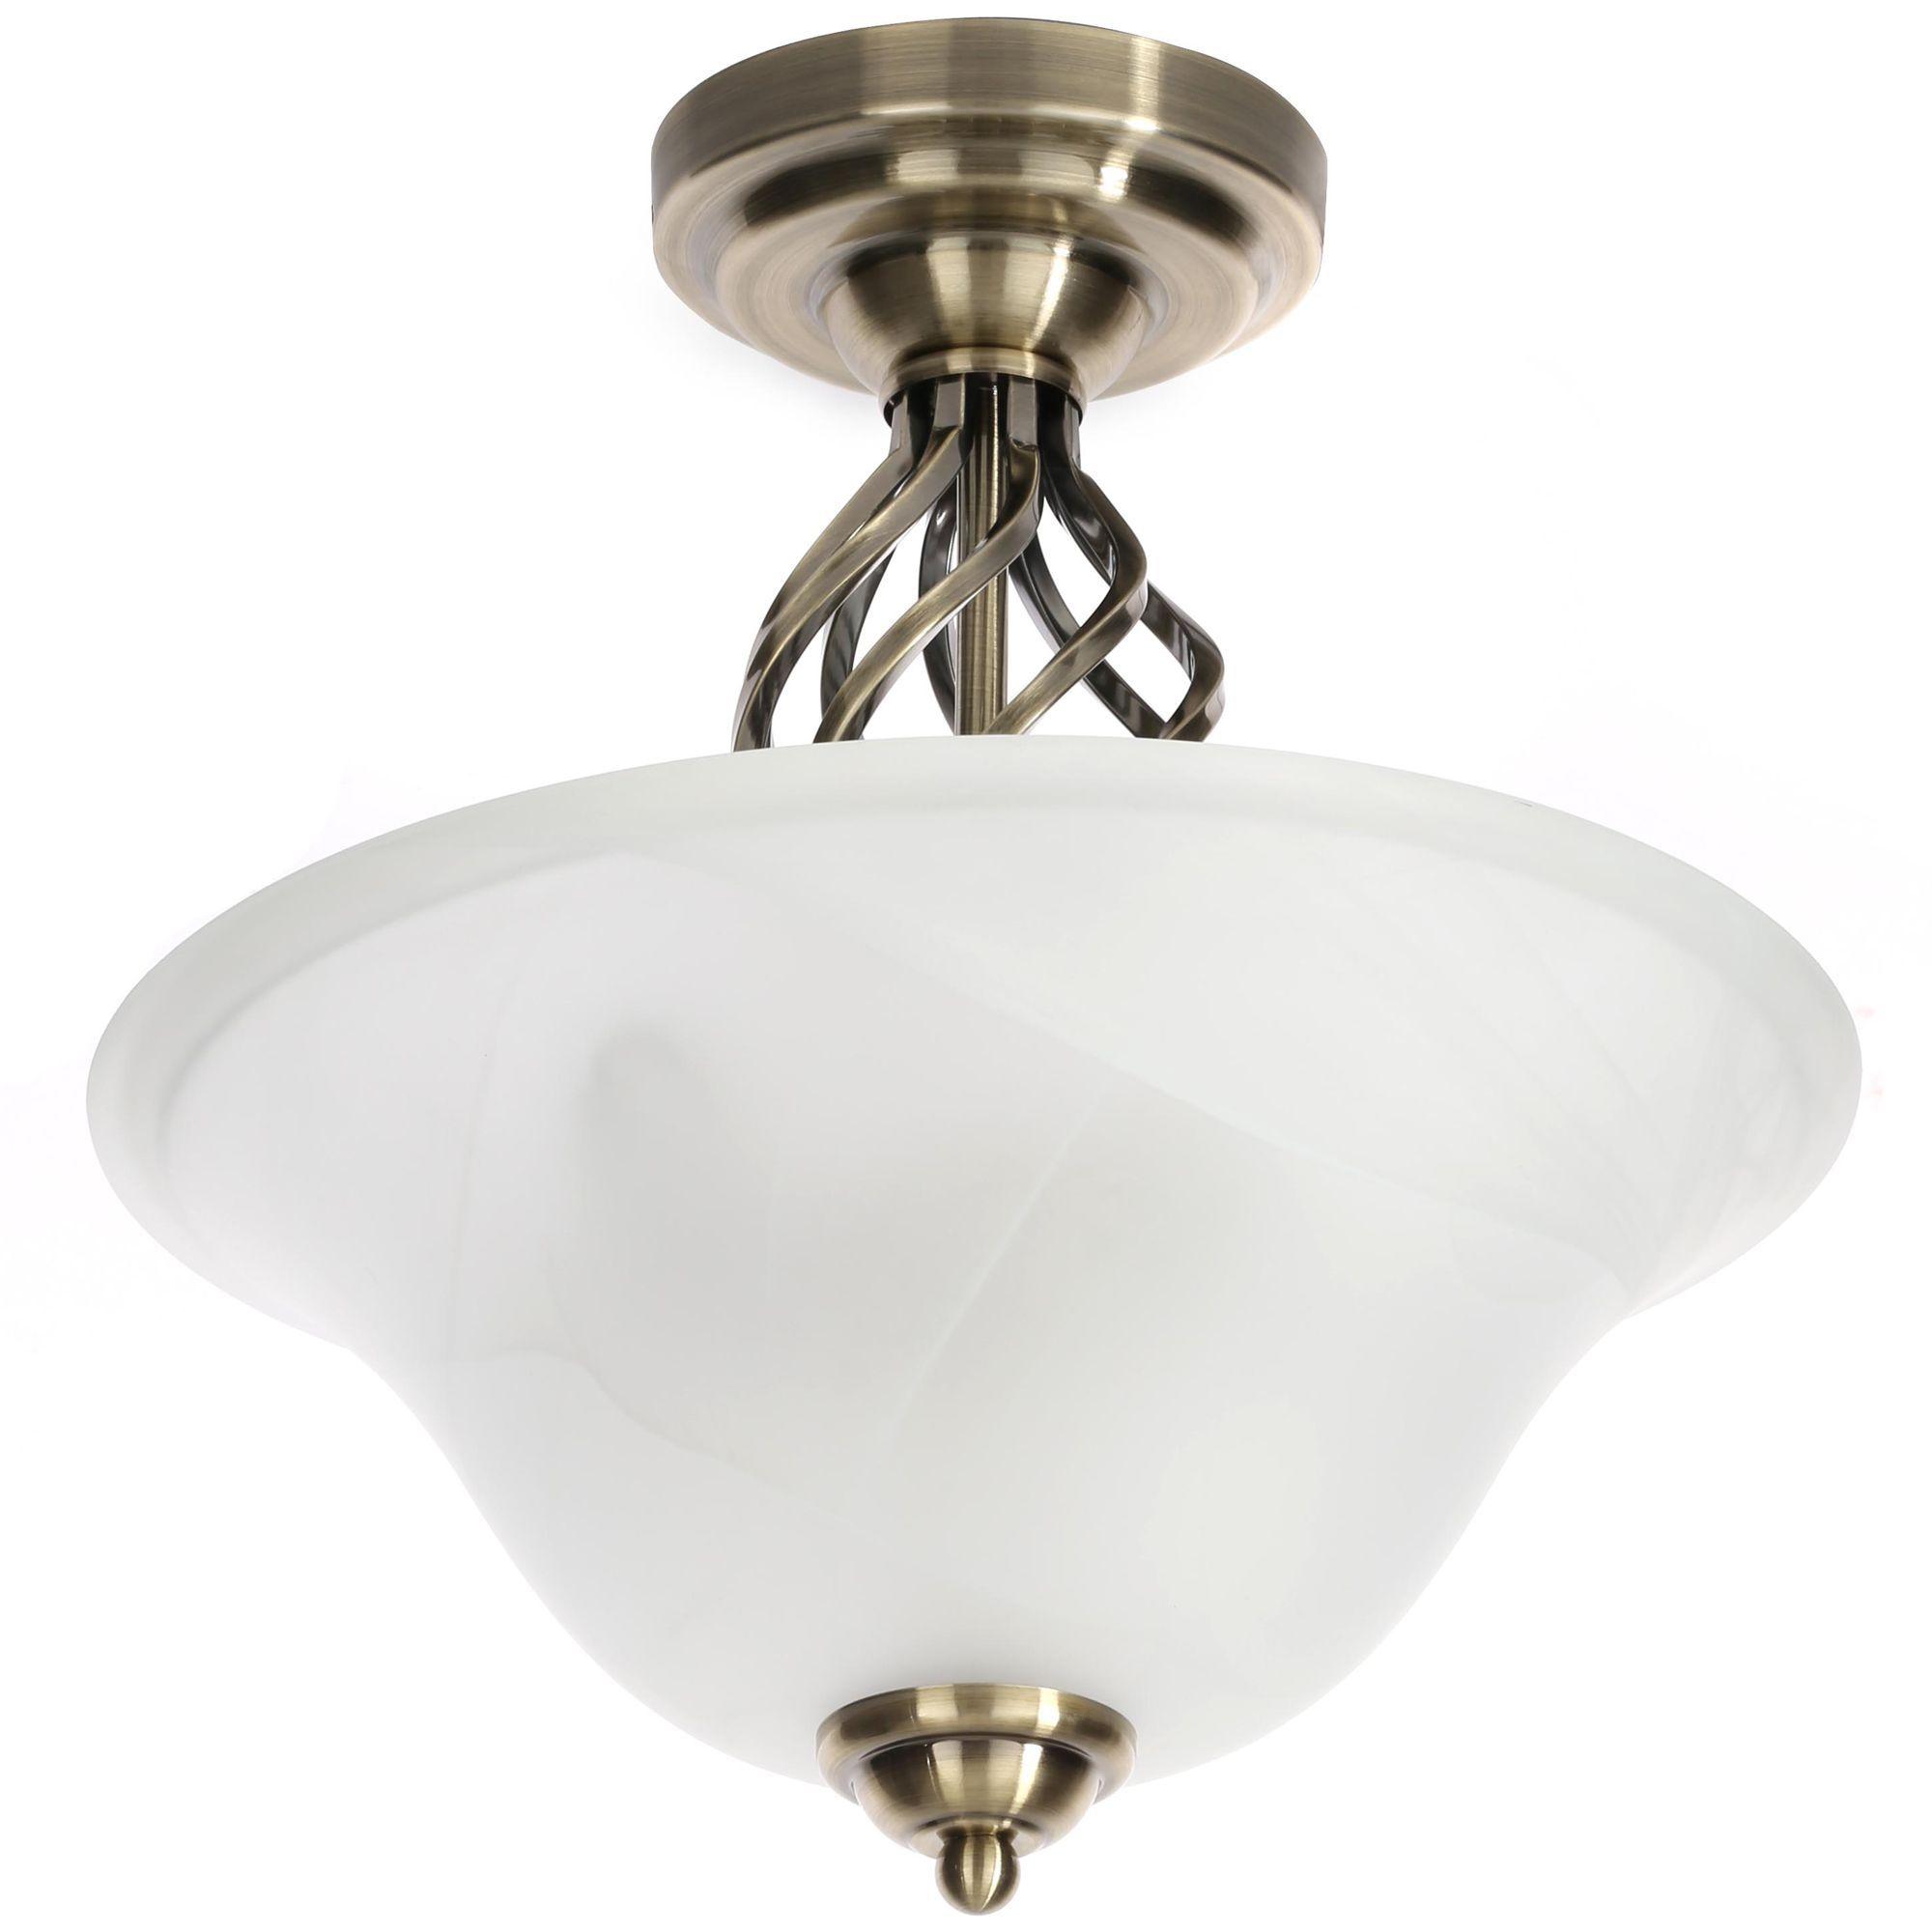 Rolli Antique Brass Effect Flush Ceiling Light